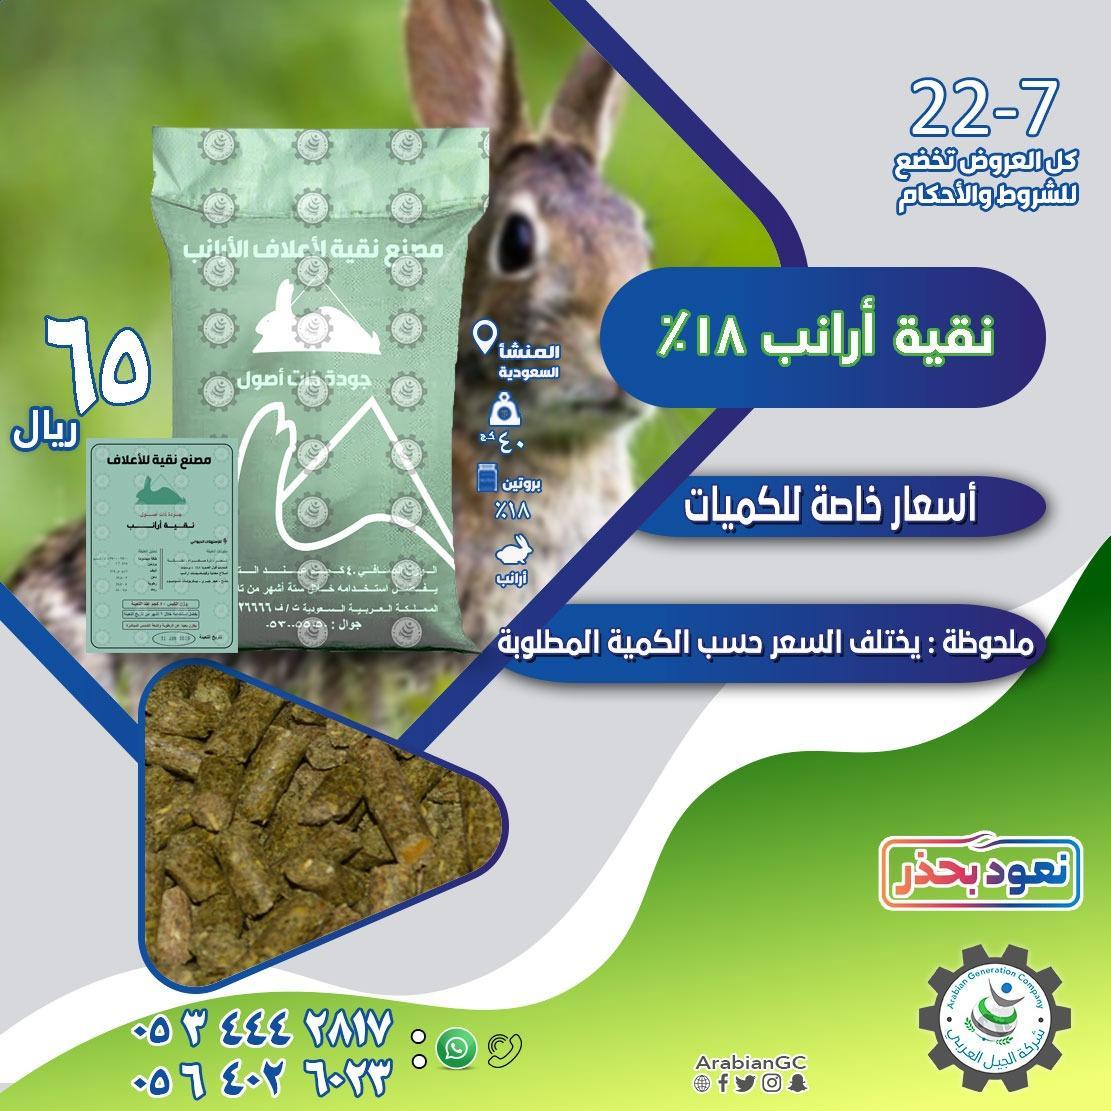 للبيع أرانب نقيه d.php?hash=OH54YVSE4